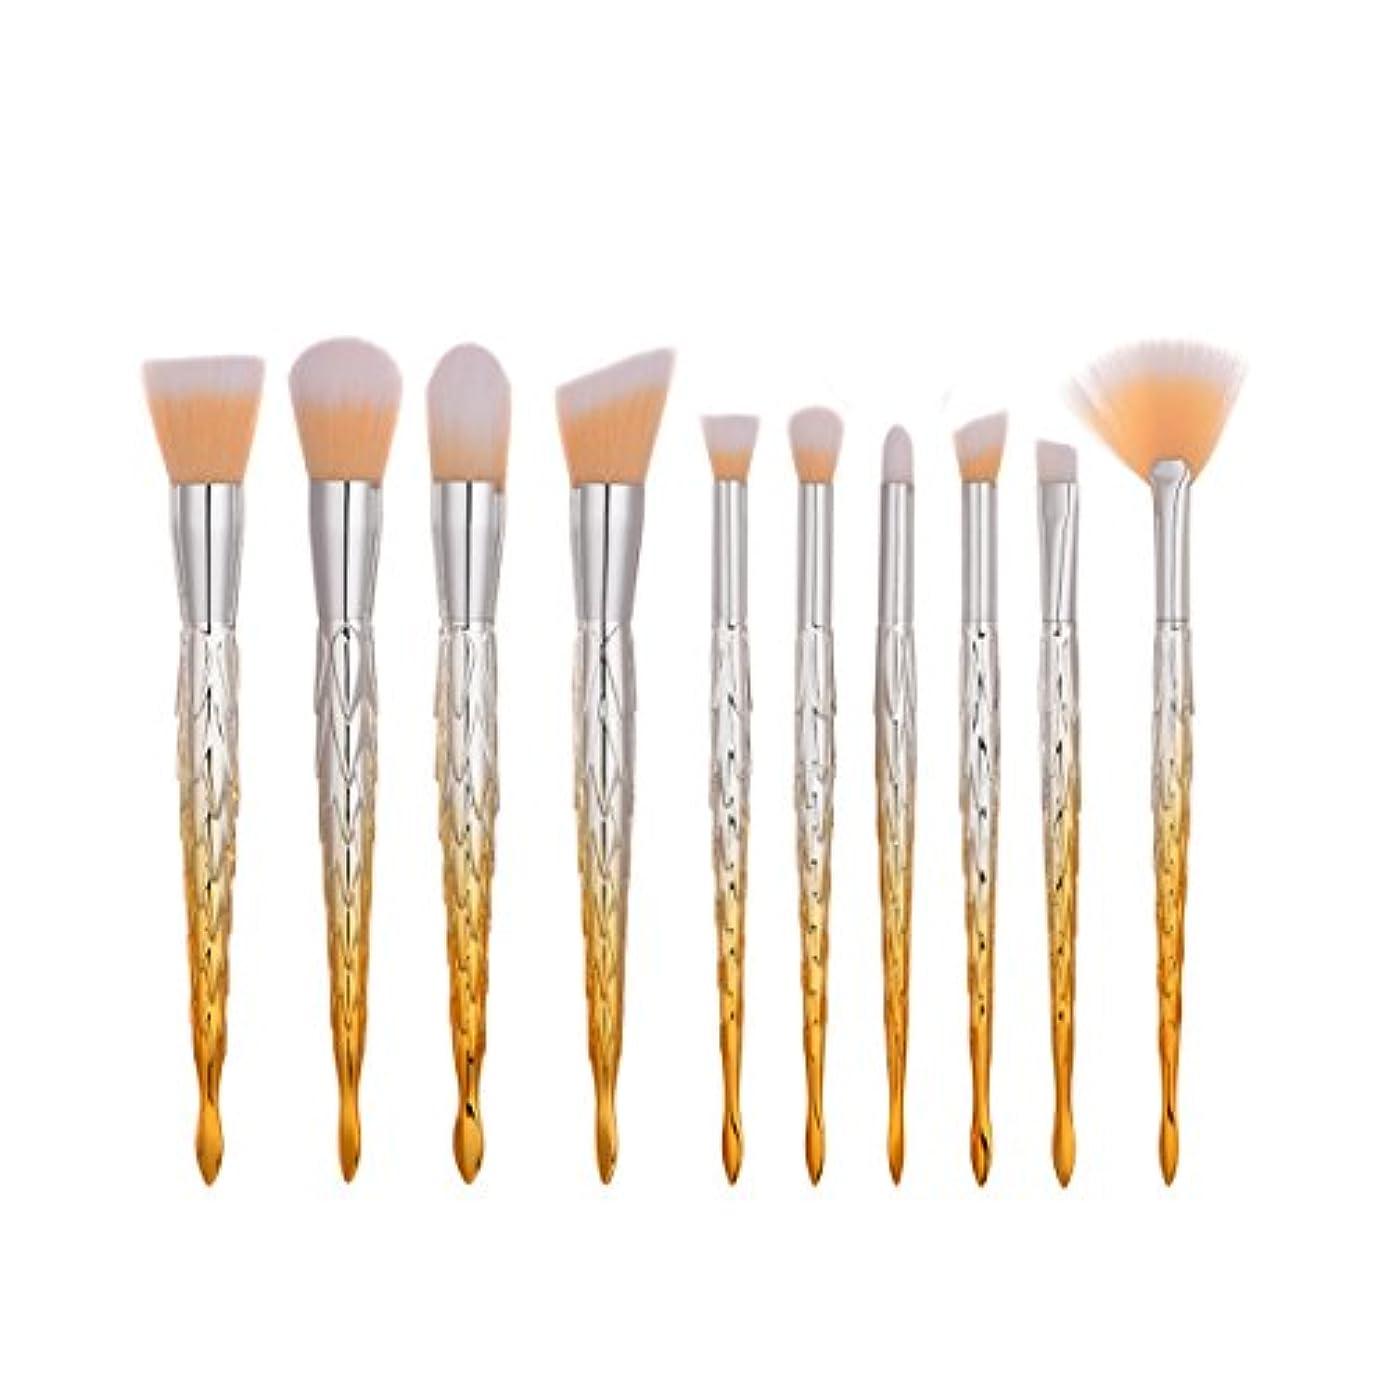 ホイップ鼓舞する排除ディラビューティー(Dilla Beauty) 10本セットカラフルなマーメイドメイクブラシセットプラスチックハンドル魚ブラシプロフェッショナルフェイスメイクアップブレンダースポンジパフブラシユニークなレインボーブラシ、ティーンズガールズ女性のための格安プライム (オレンジ - ホワイト)